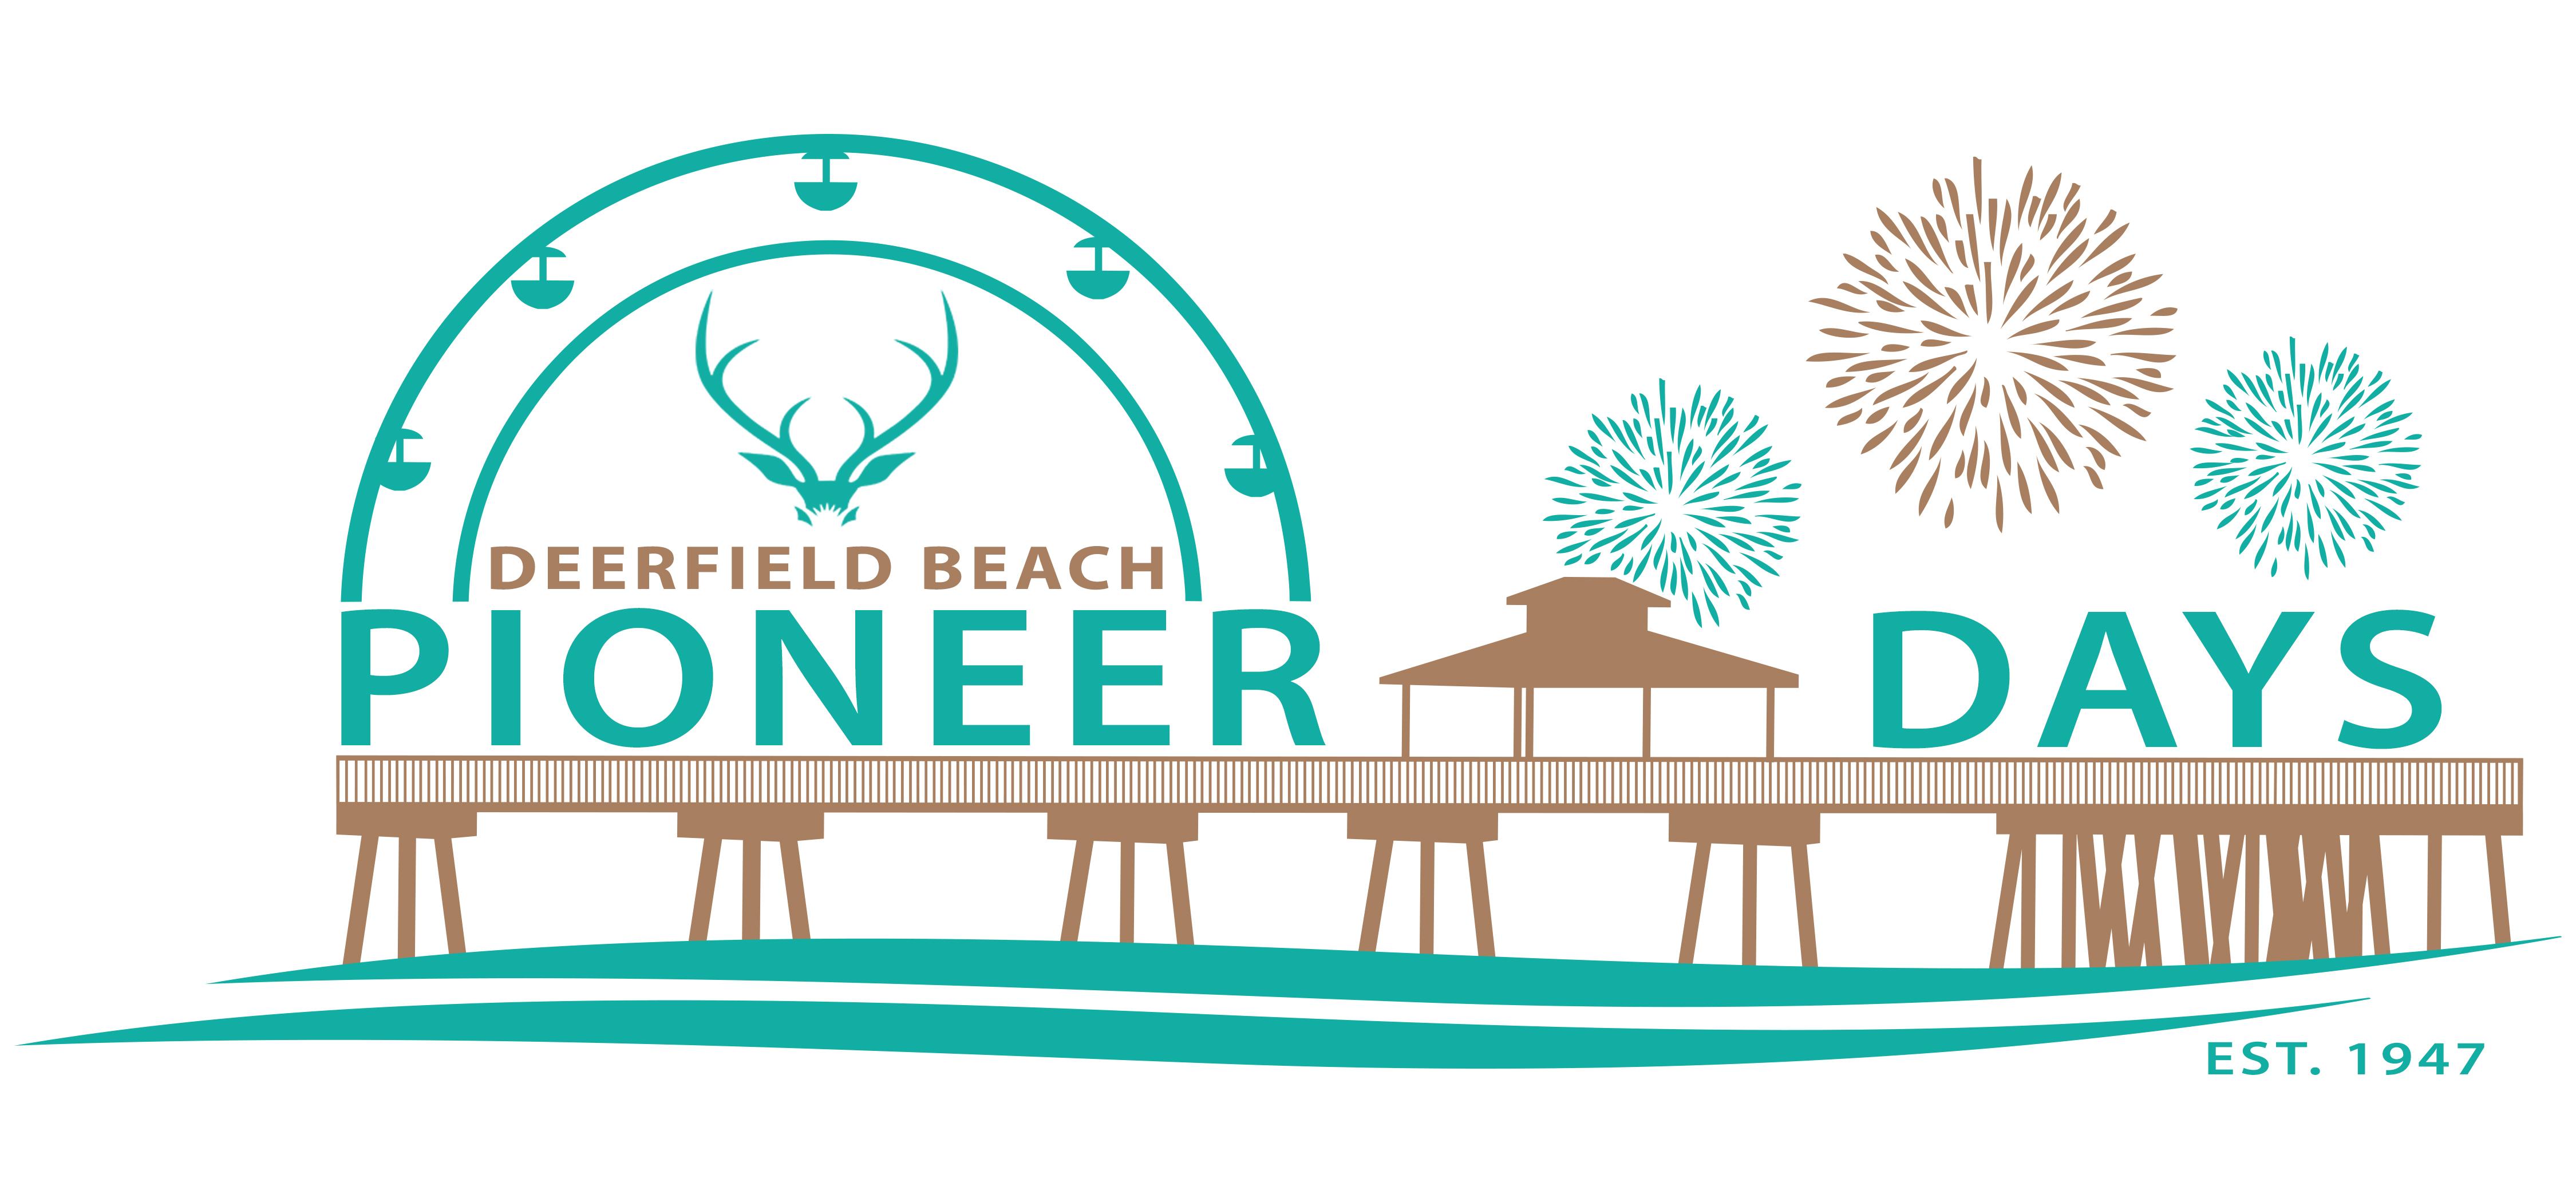 Deerfield Beach Pioneer Days.